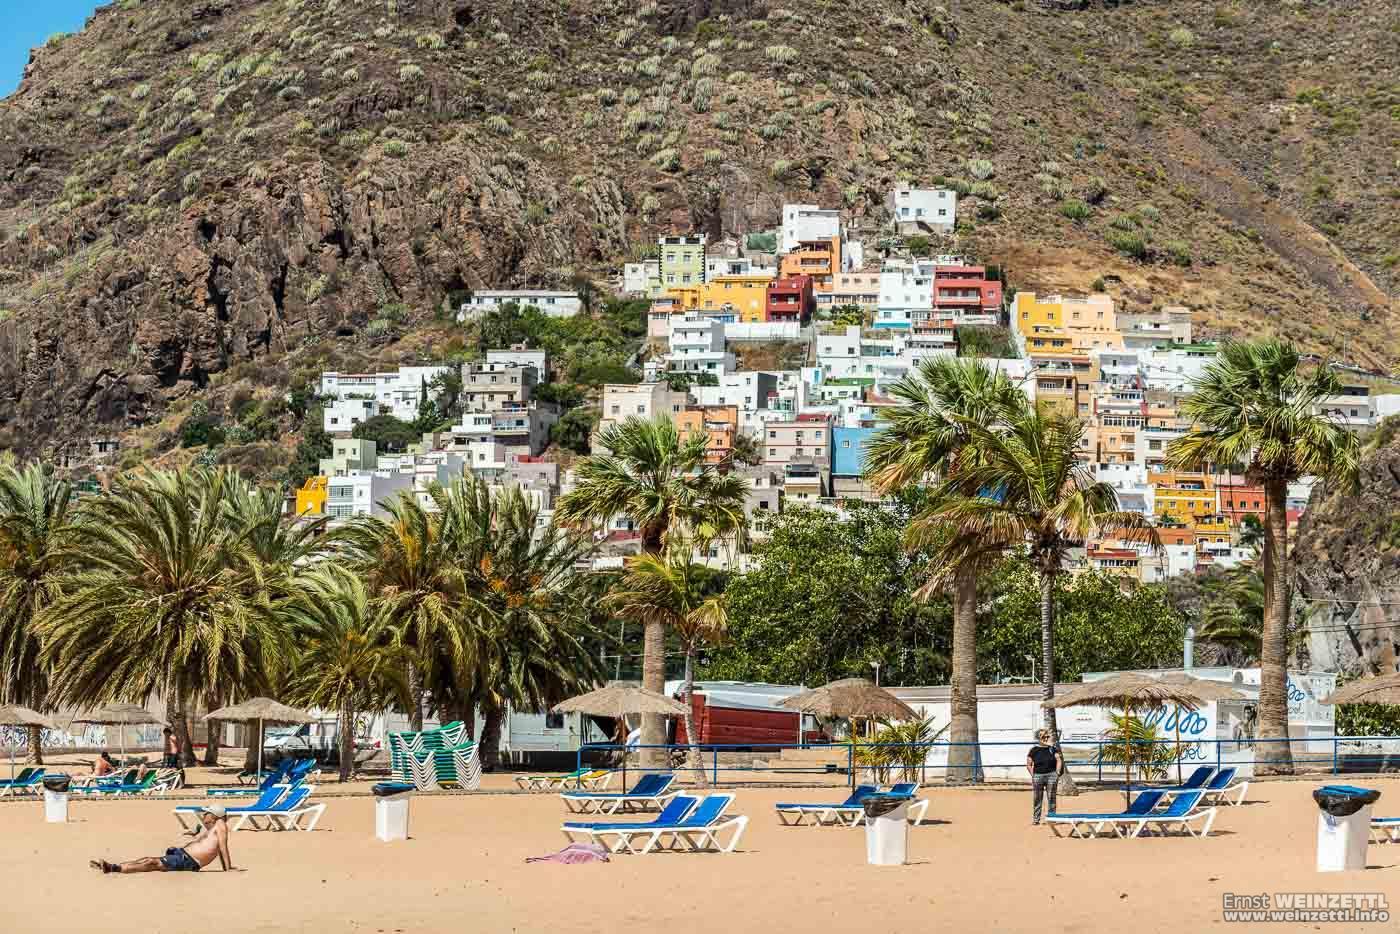 Hinter dem Strand und seinen Parkplätzen klebt ein Dorf im Felsen.